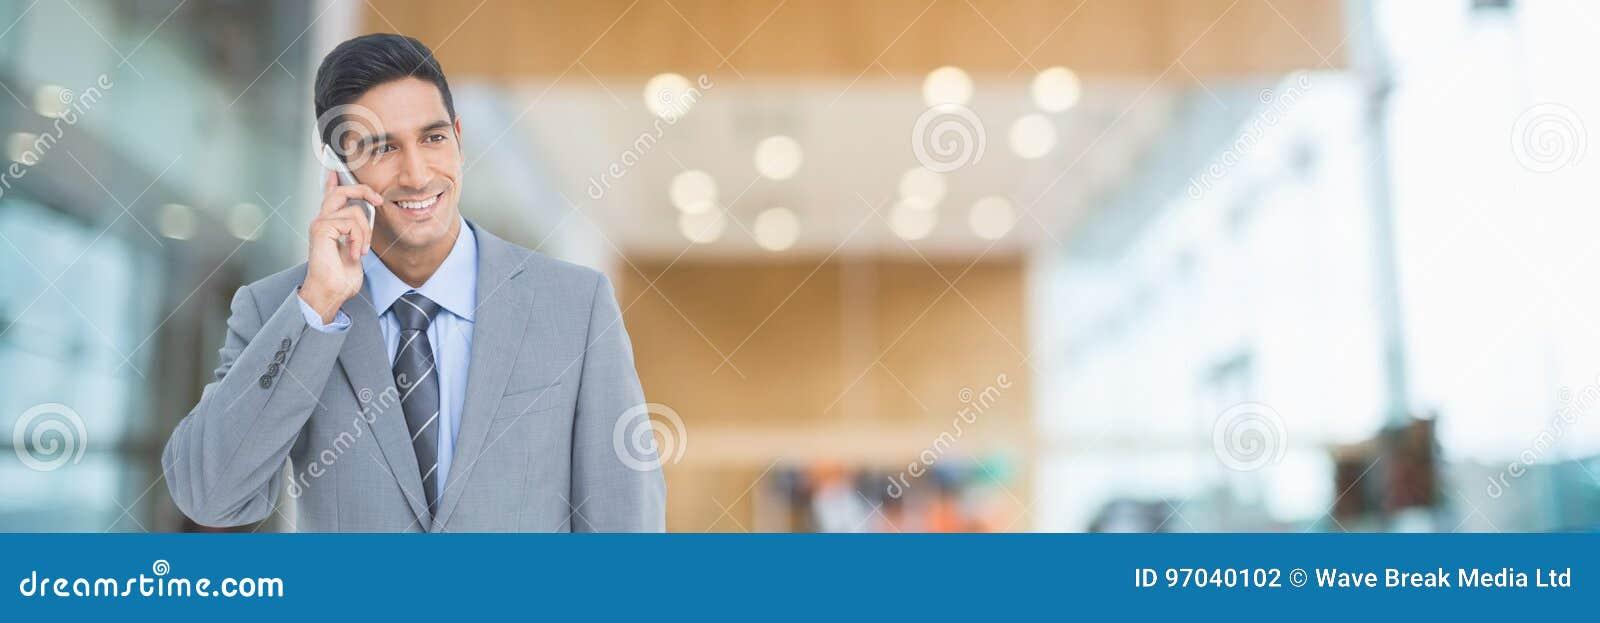 Glücklicher Geschäftsmann, der ein Telefon verwendet